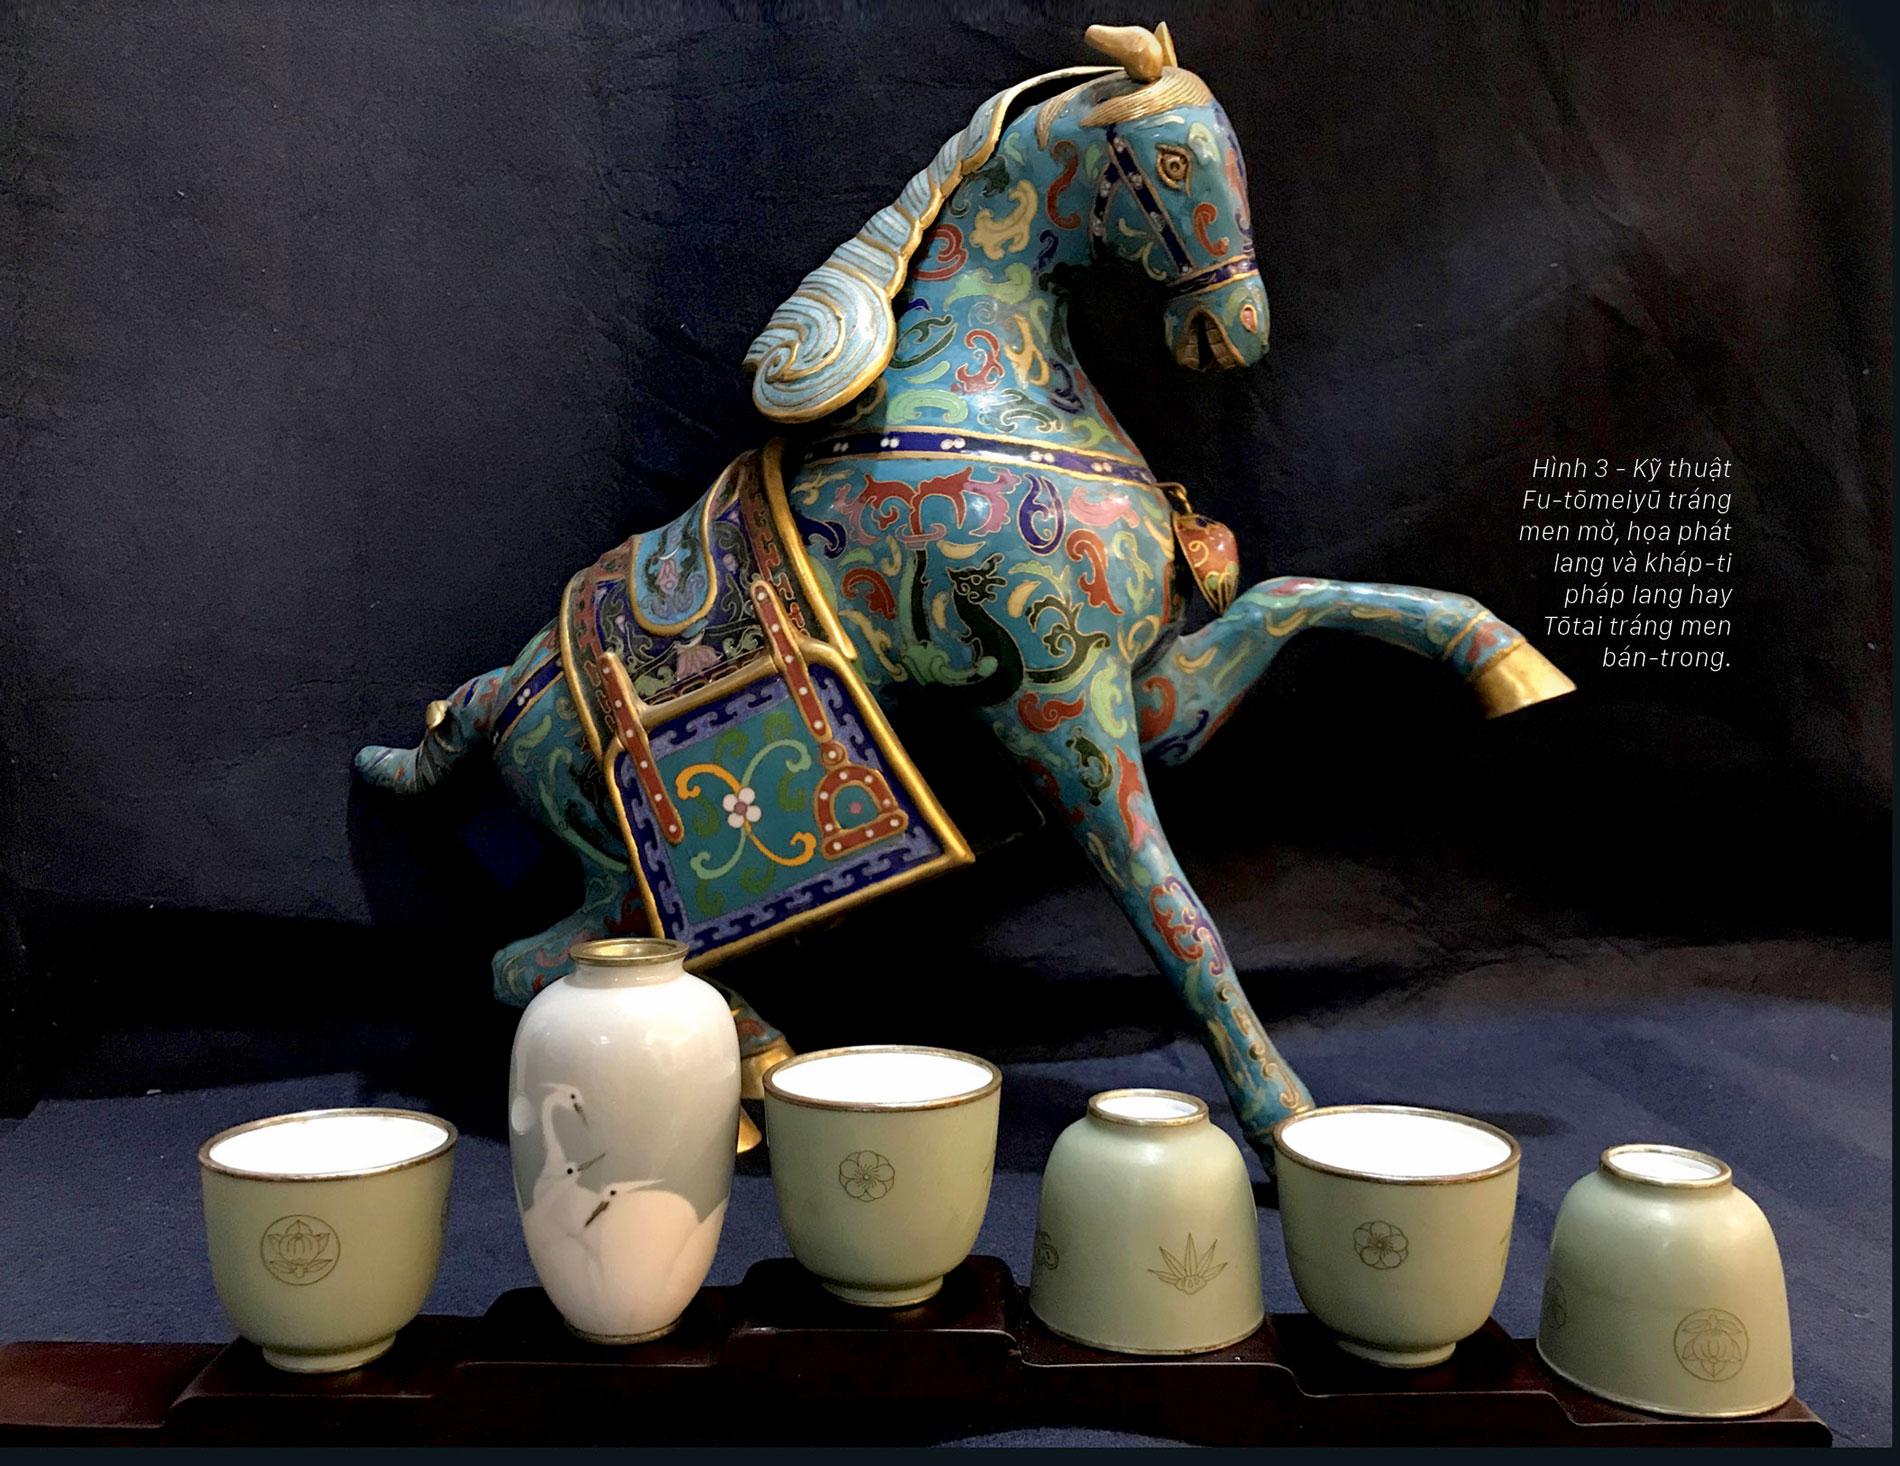 Shipō Yaki - Nghệ thuật pháp lang hoàn mỹ Nhật Bản ảnh 3